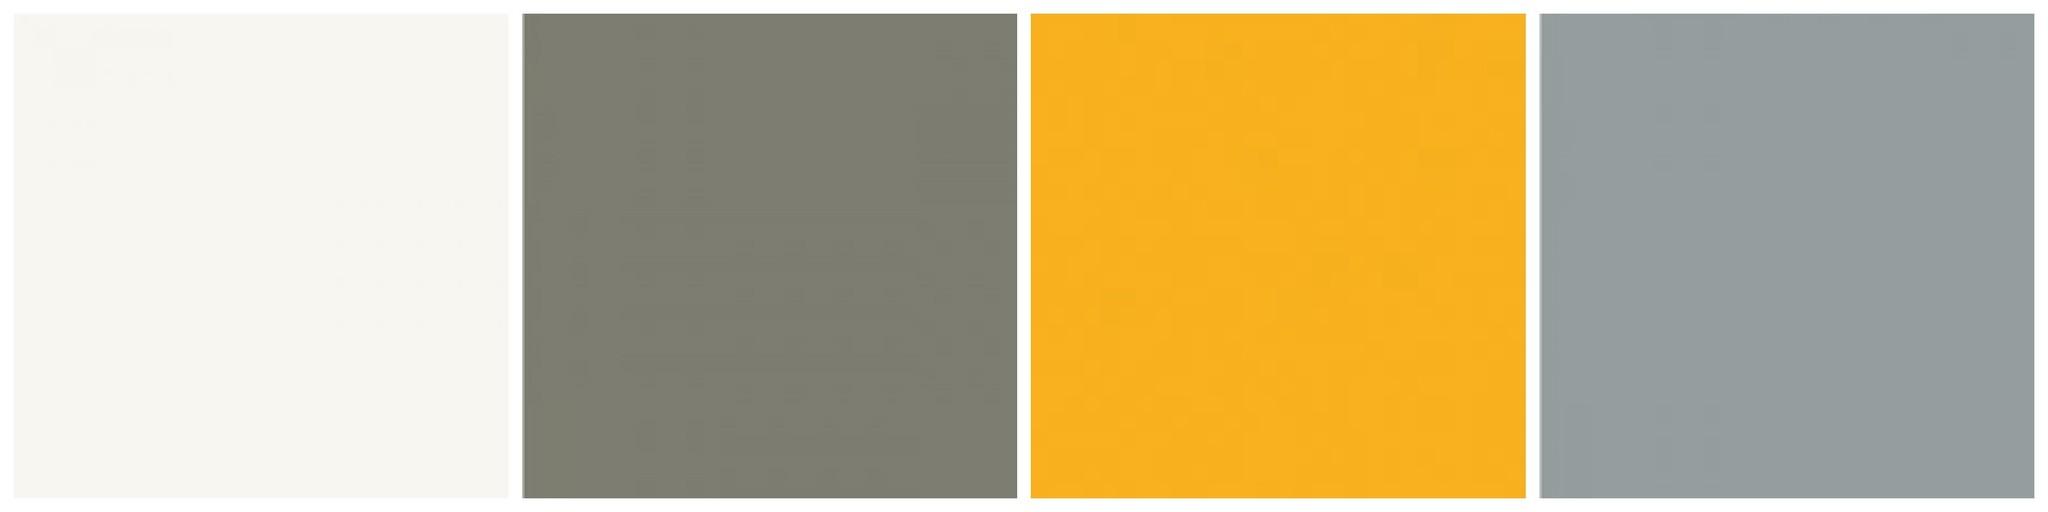 Magazijnvloer kleuren